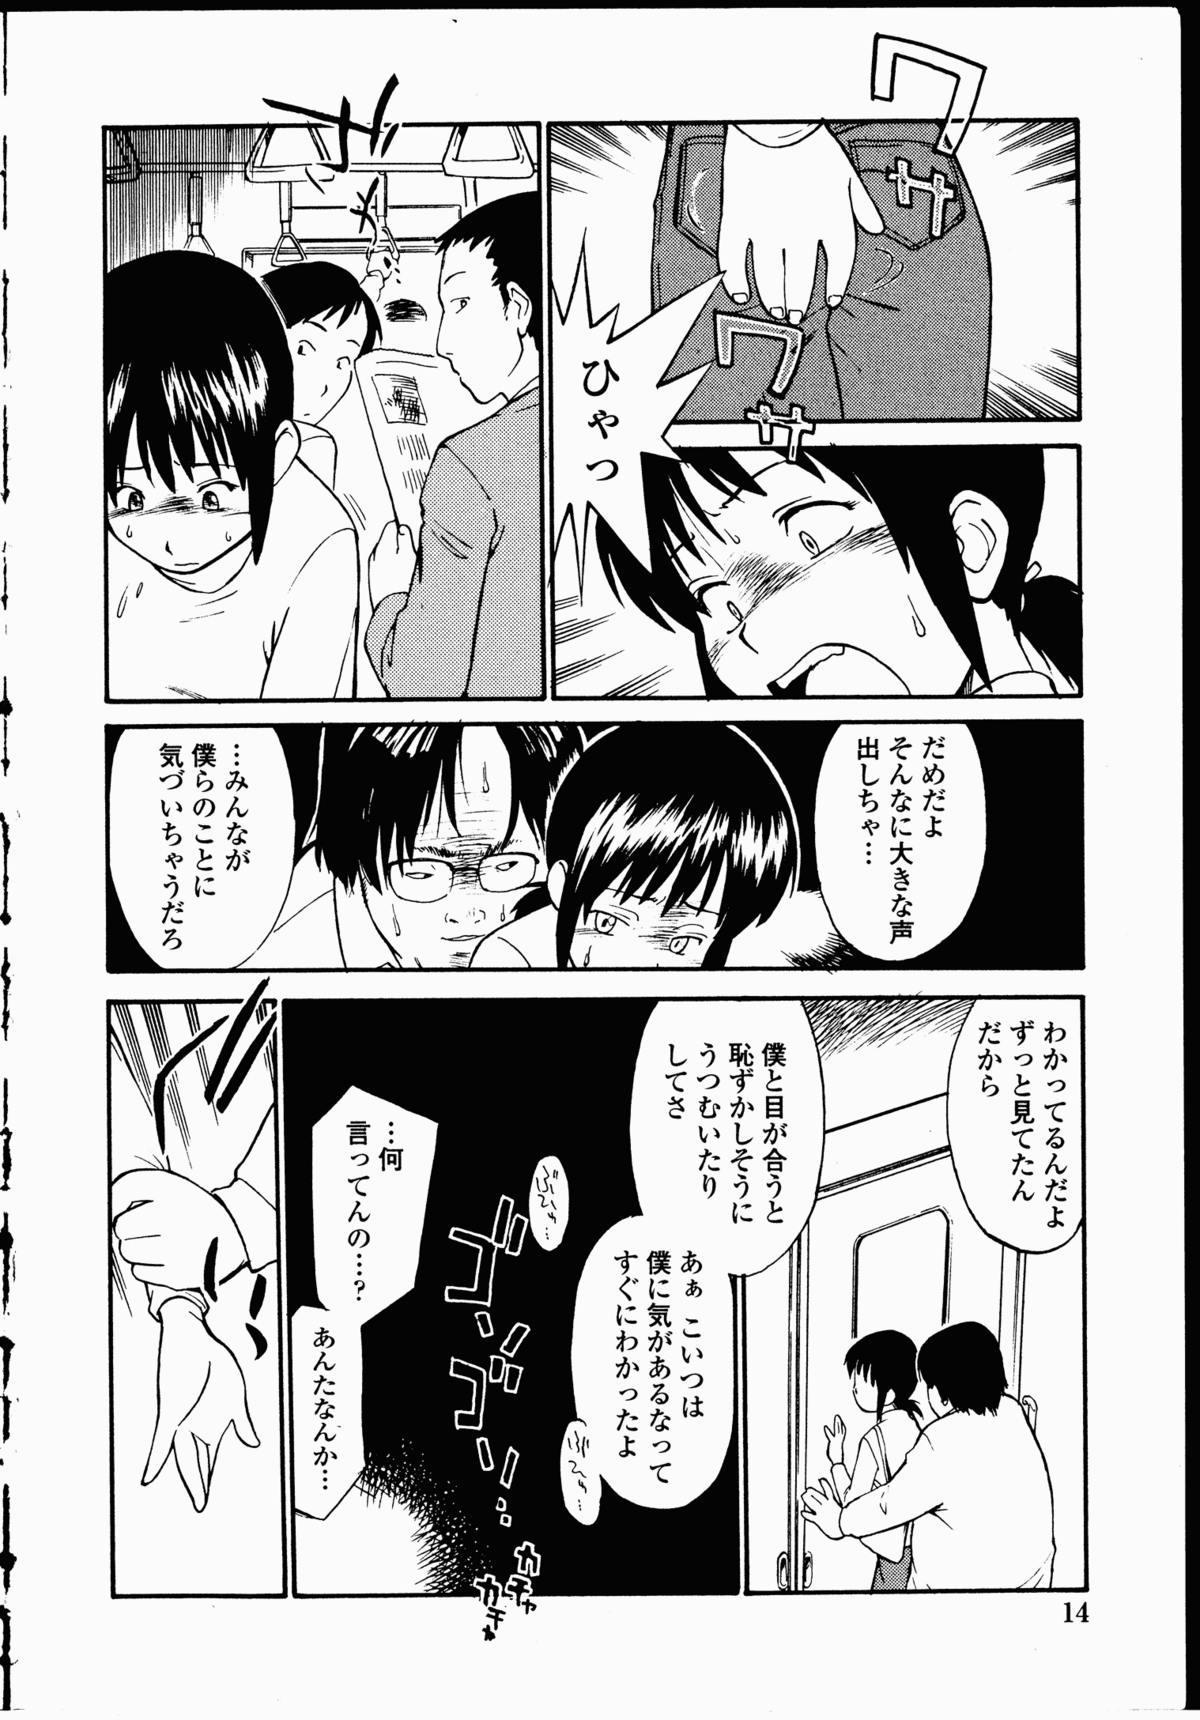 Youen Hyaku Monogatari 12